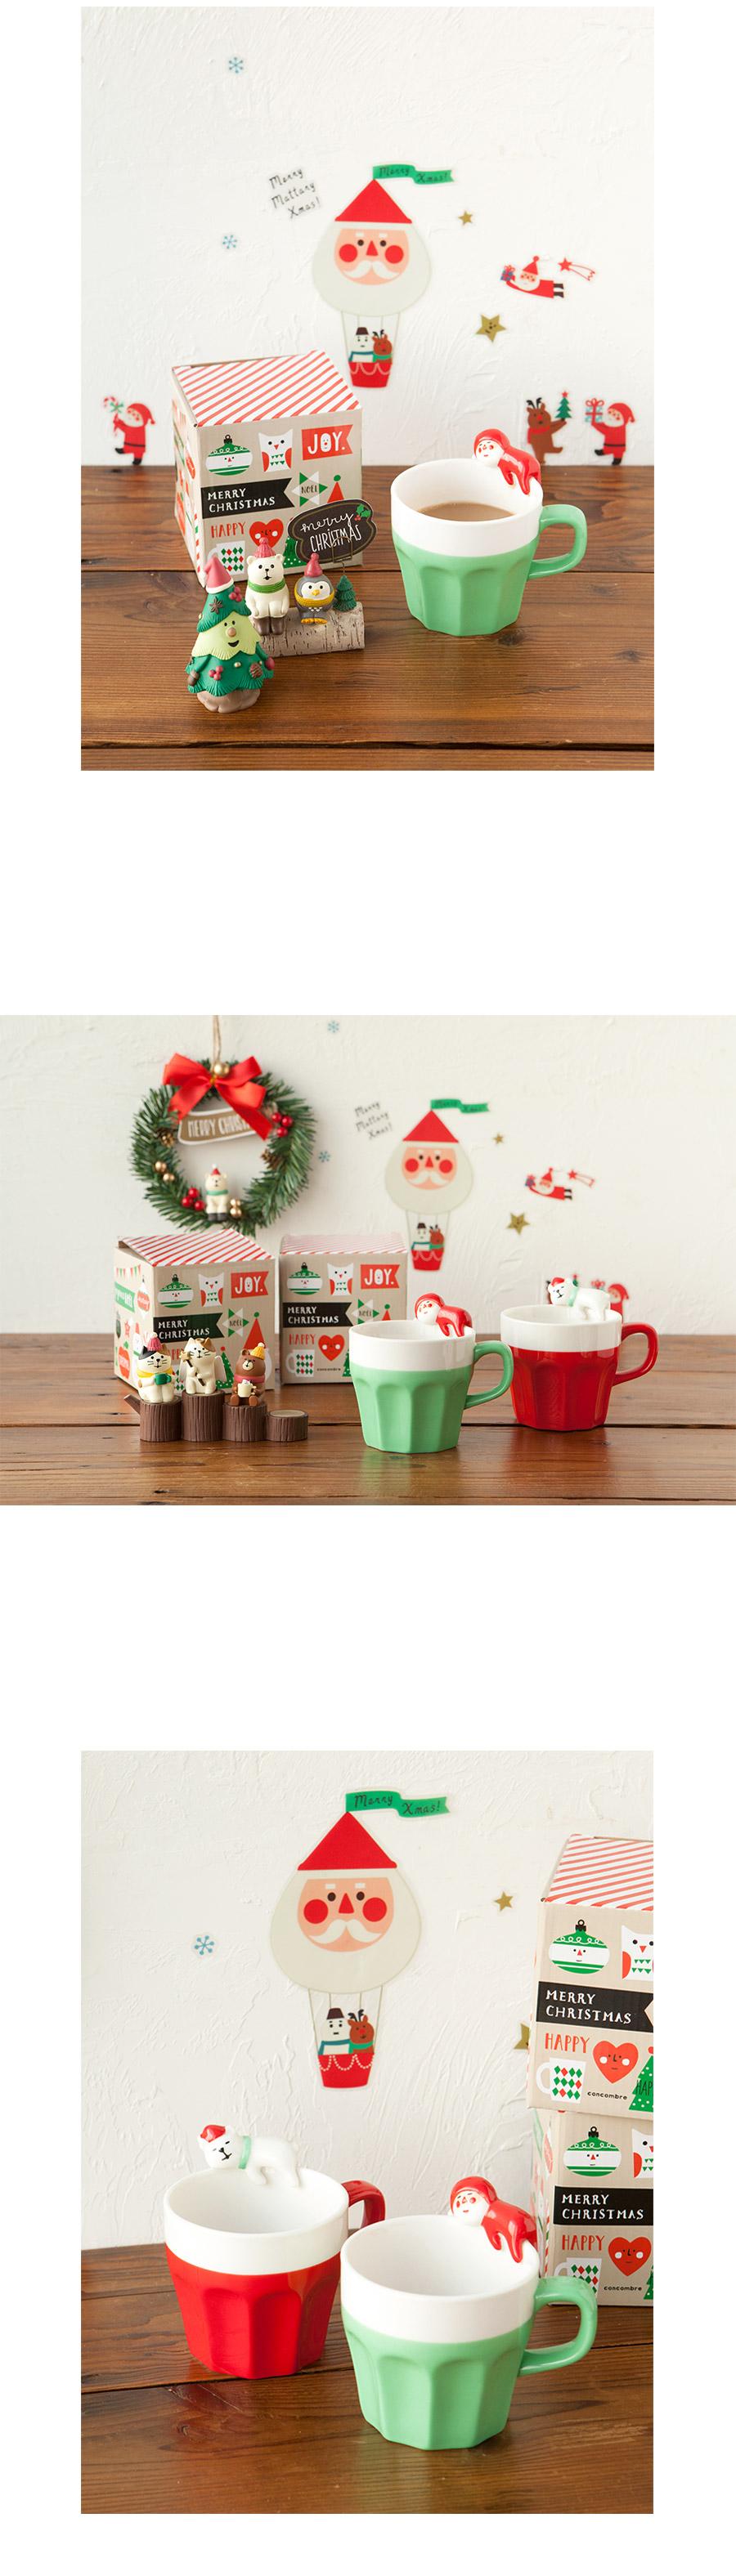 데꼴 크리스마스 낮잠 산타 머그31,000원-탑베이킹생활/패브릭, 텀블러/컵/티팟, 머그컵, 일러스트 머그바보사랑데꼴 크리스마스 낮잠 산타 머그31,000원-탑베이킹생활/패브릭, 텀블러/컵/티팟, 머그컵, 일러스트 머그바보사랑